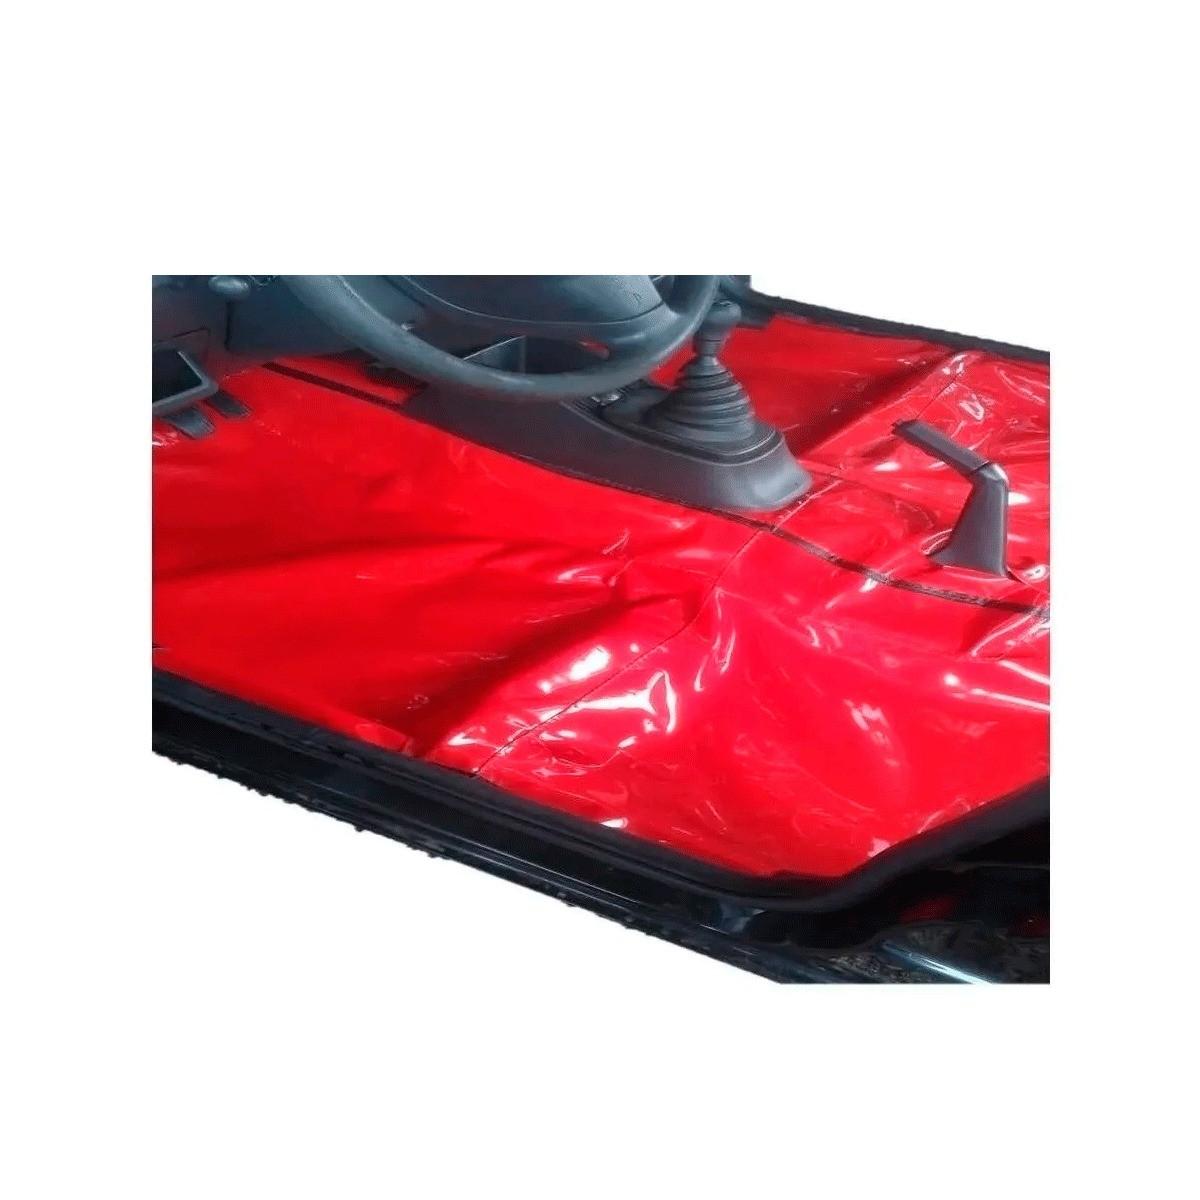 Tapete Carpete Assoalho Vinil Verniz Volkswagen Gol G2 G3 G4 4 Portas Vermelho